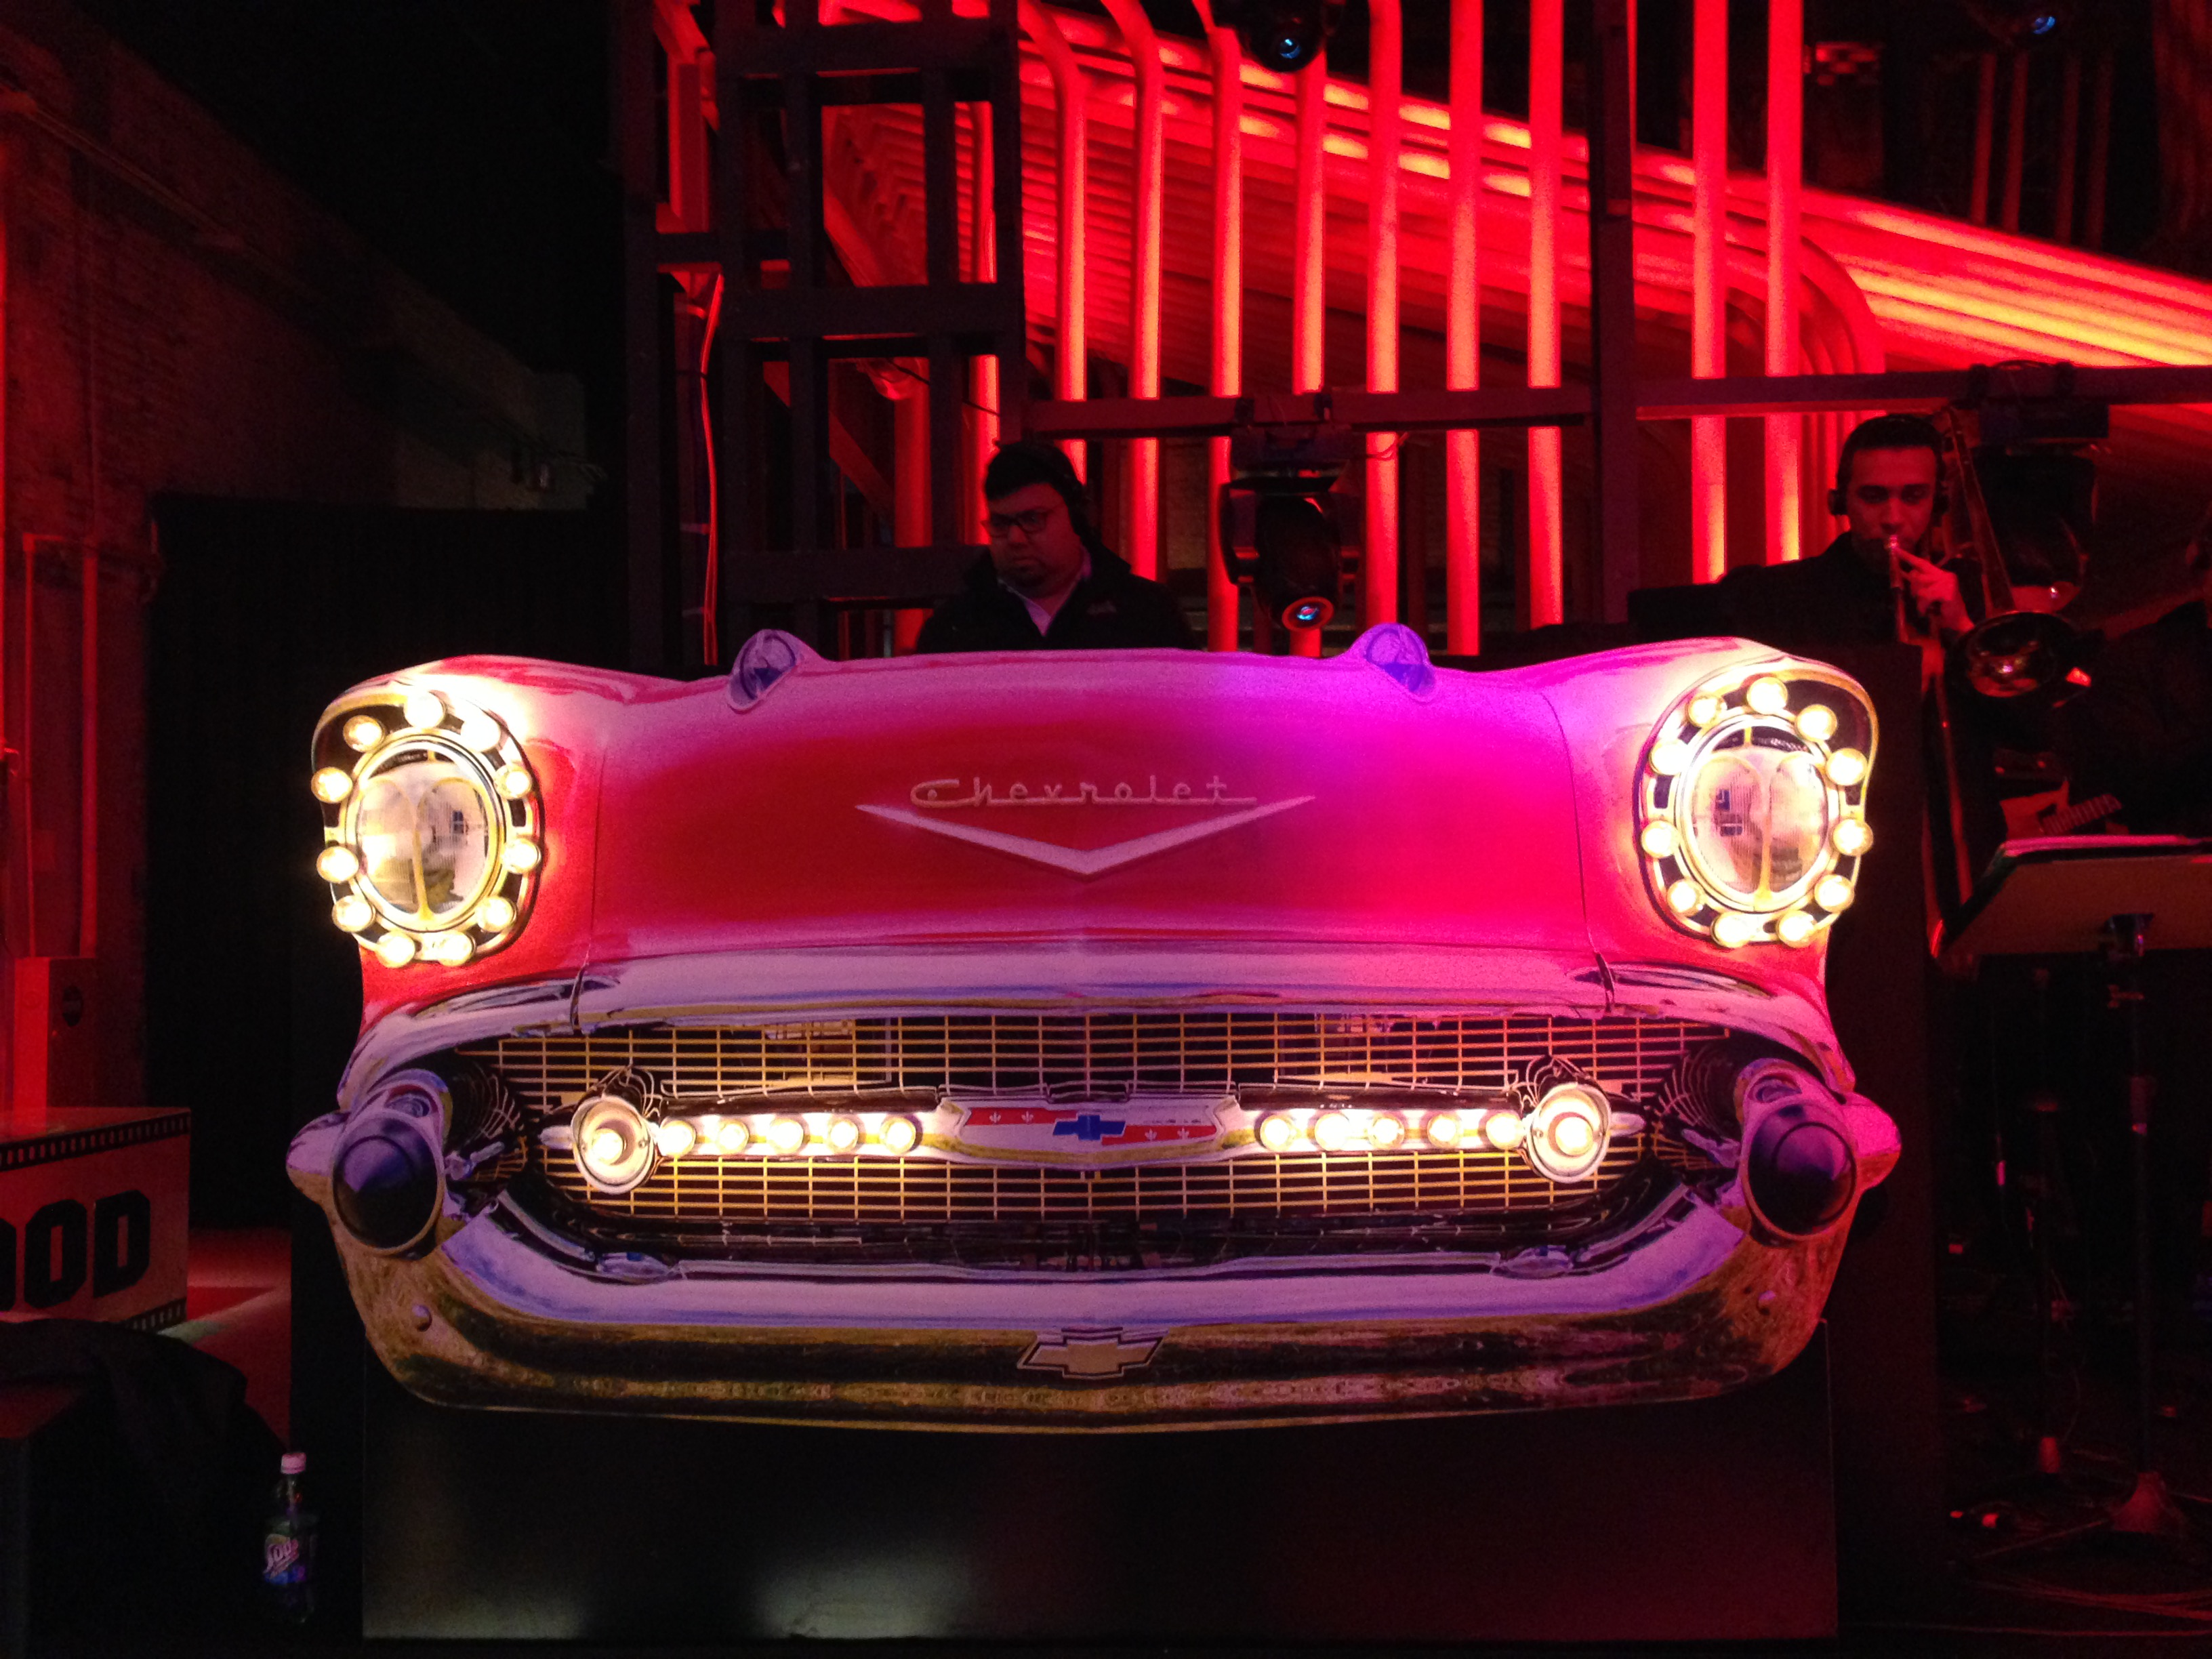 Carro recortado em MDF com luzes